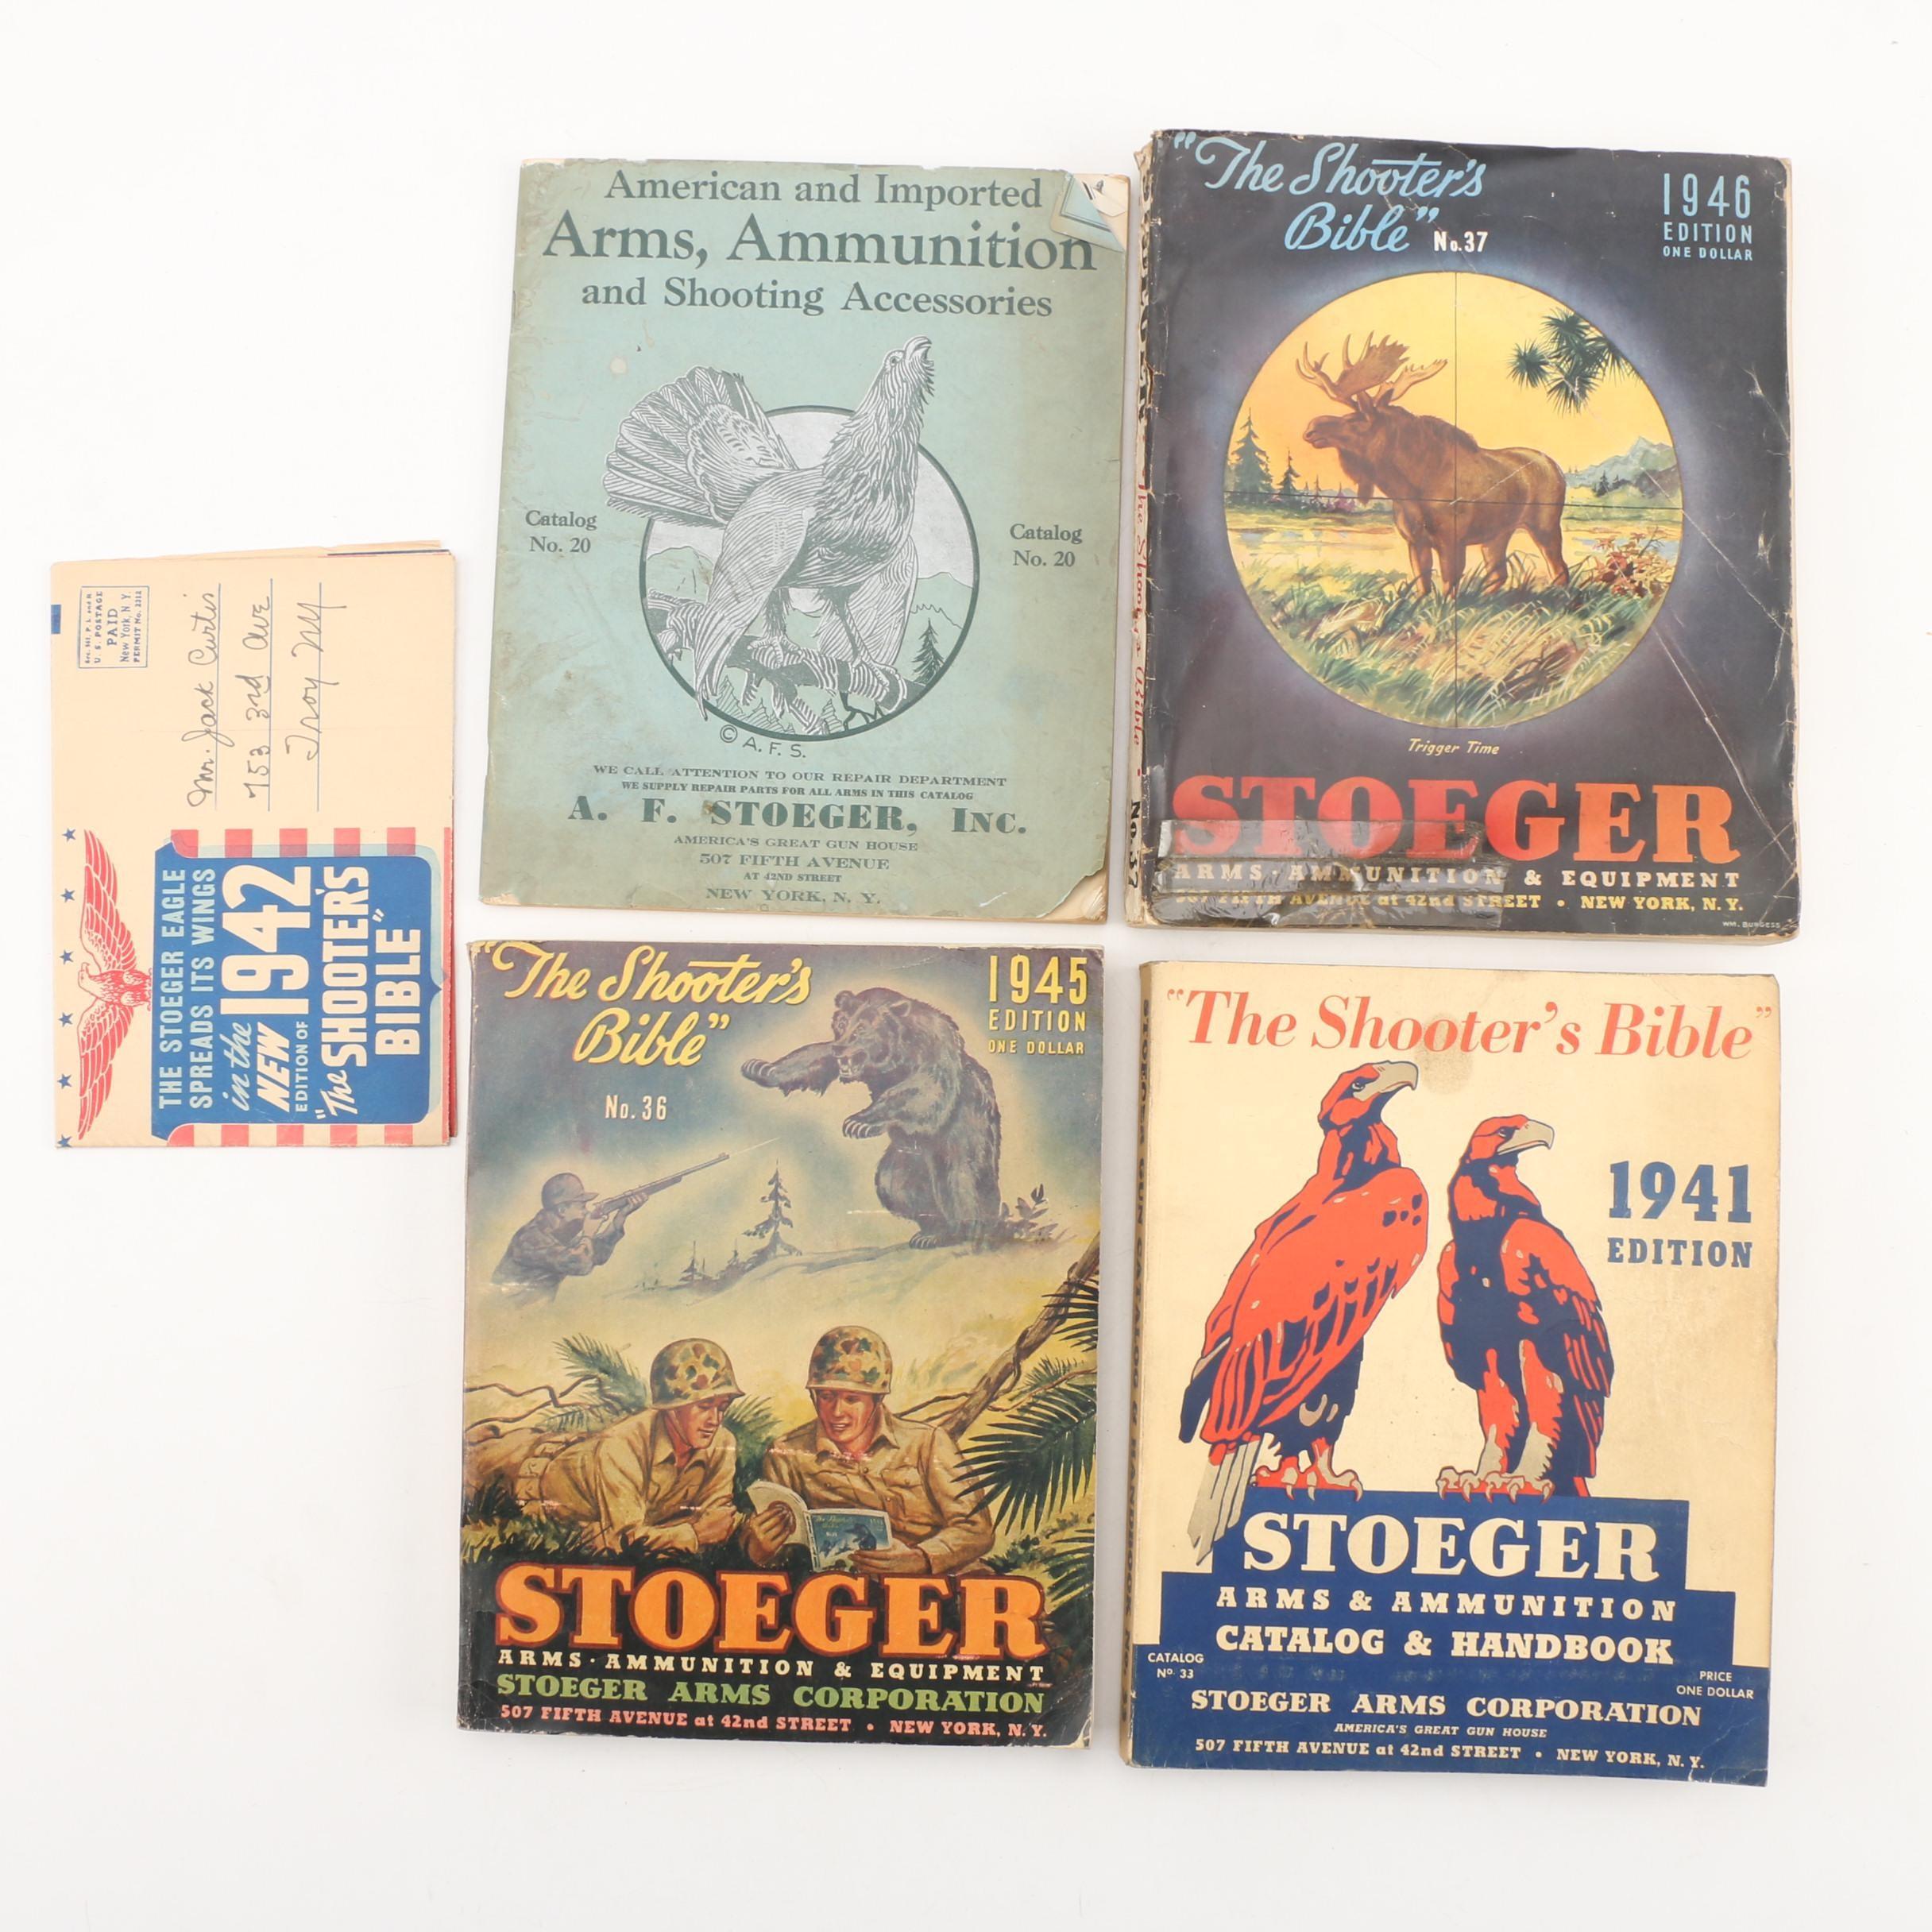 Vintage Stoeger Firearms Catalogs